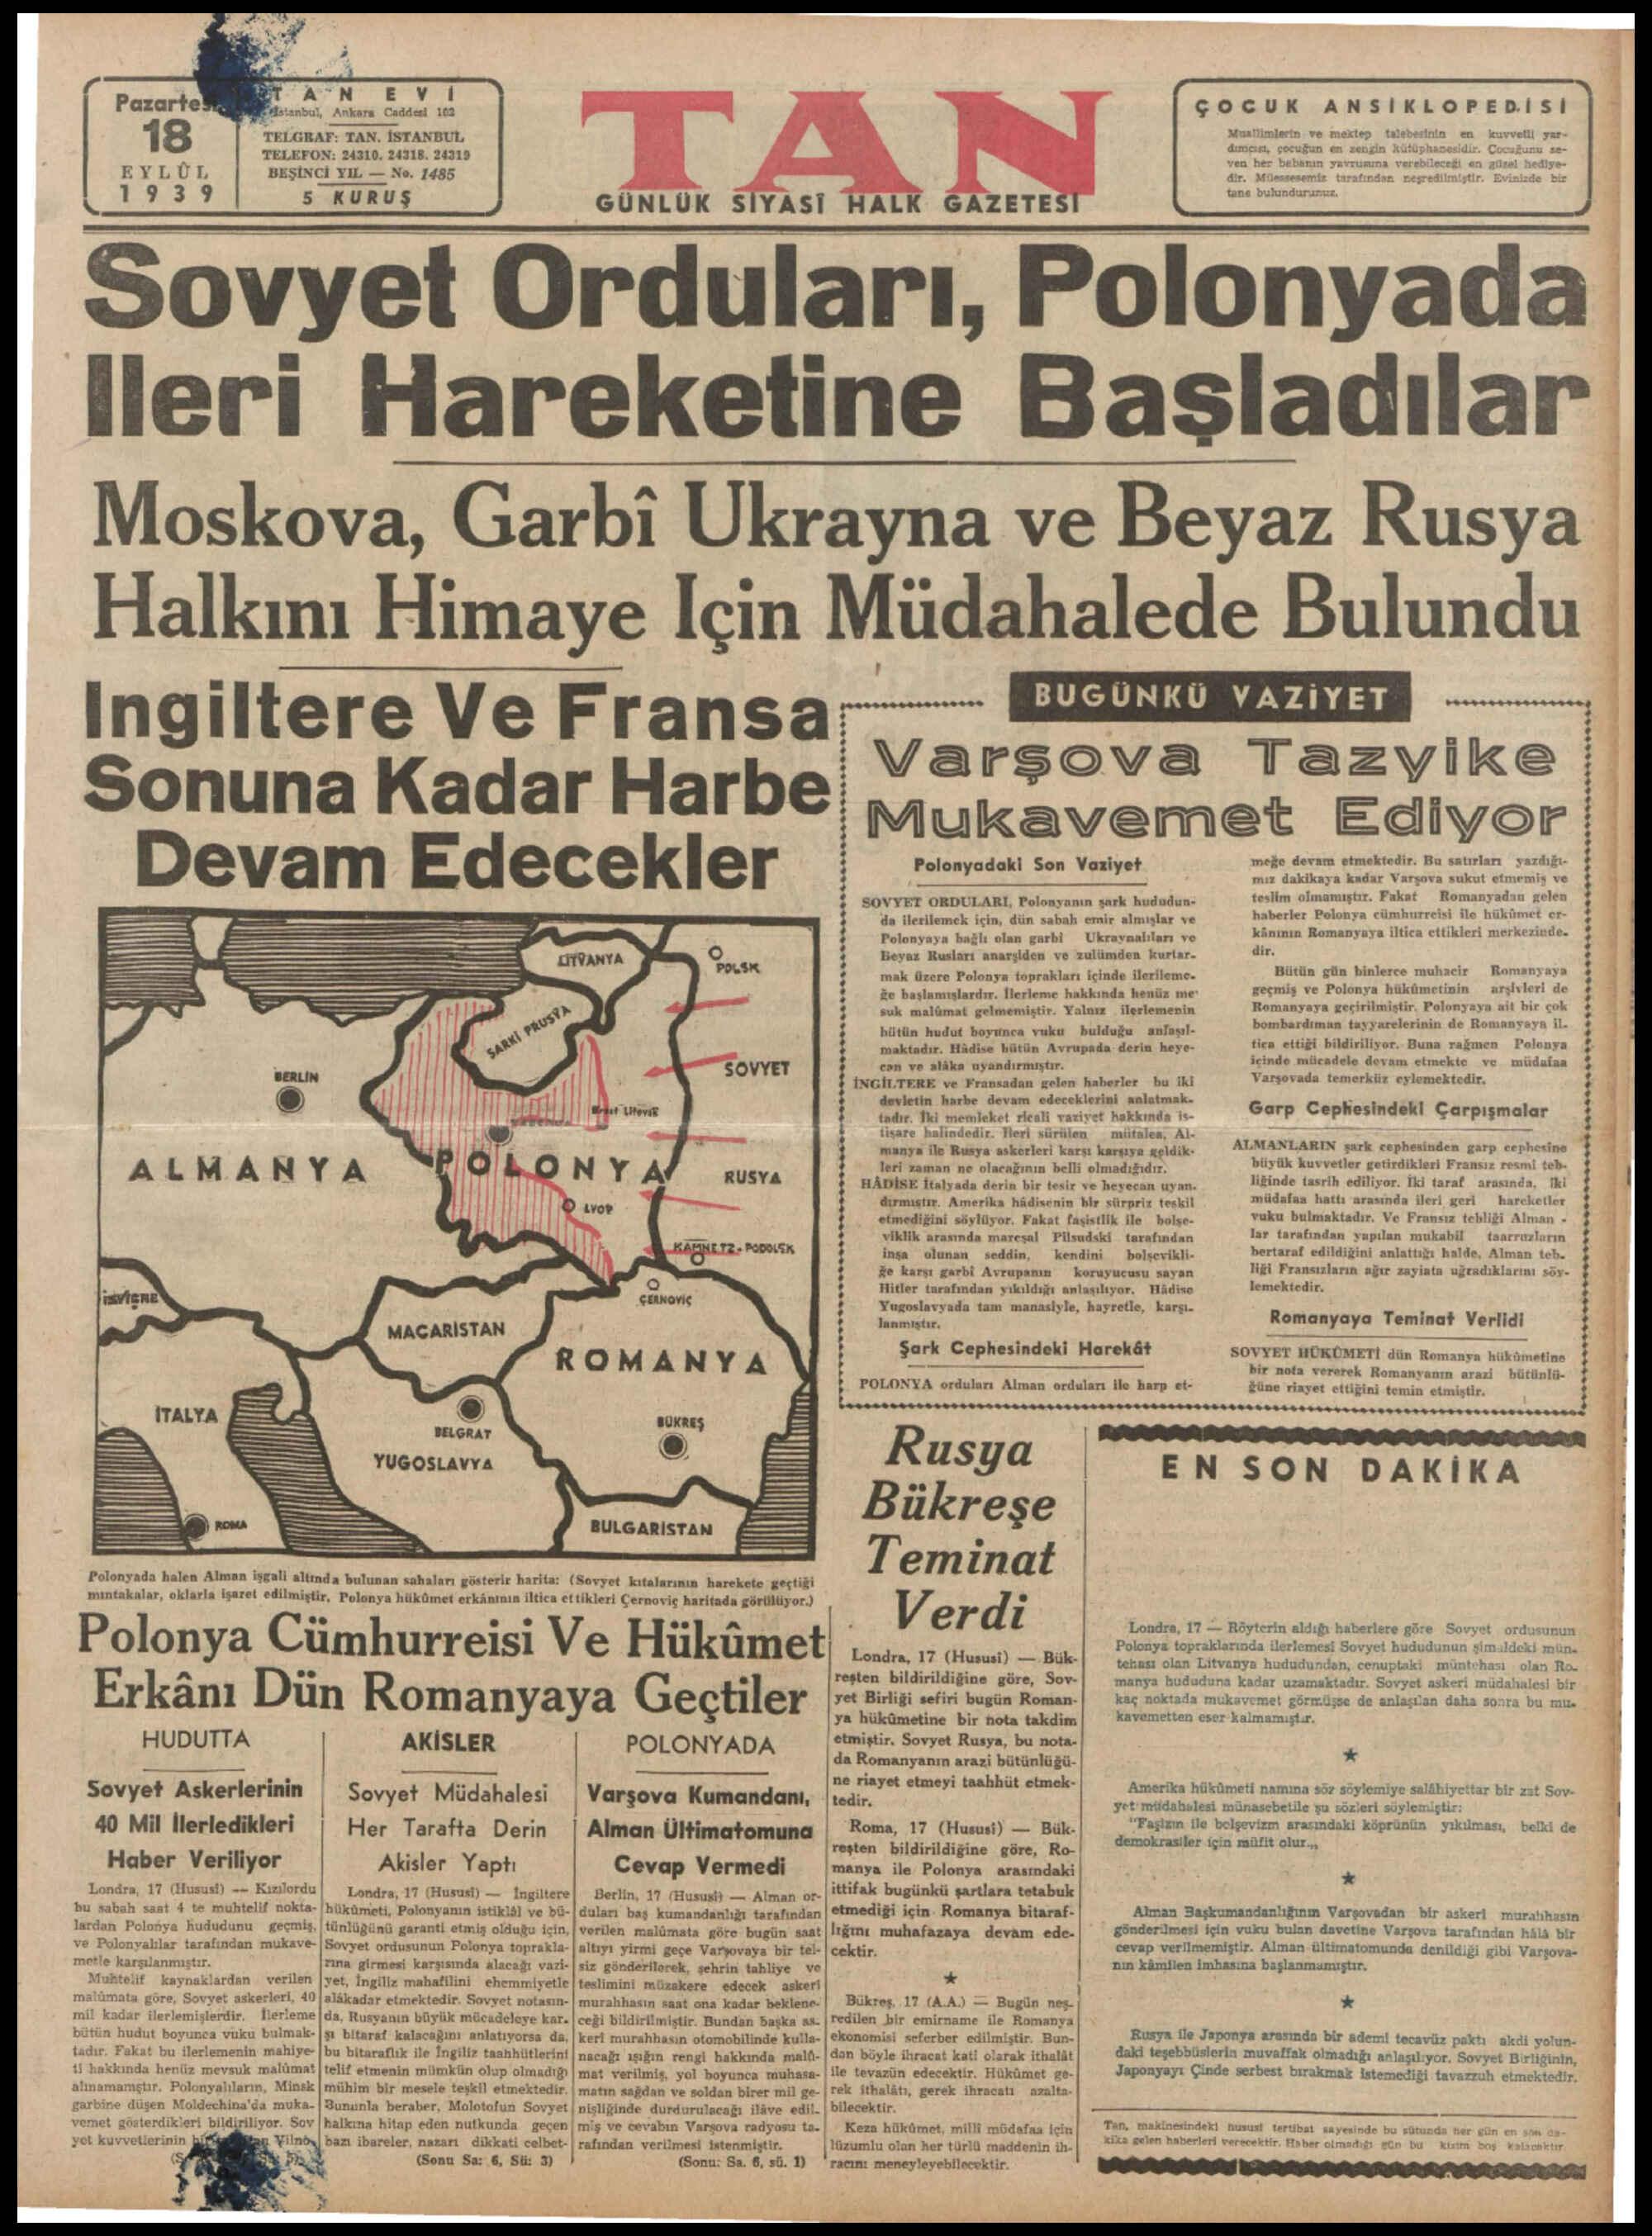 18 Eylül 1939 Tarihli Tan Dergisi Sayfa 1